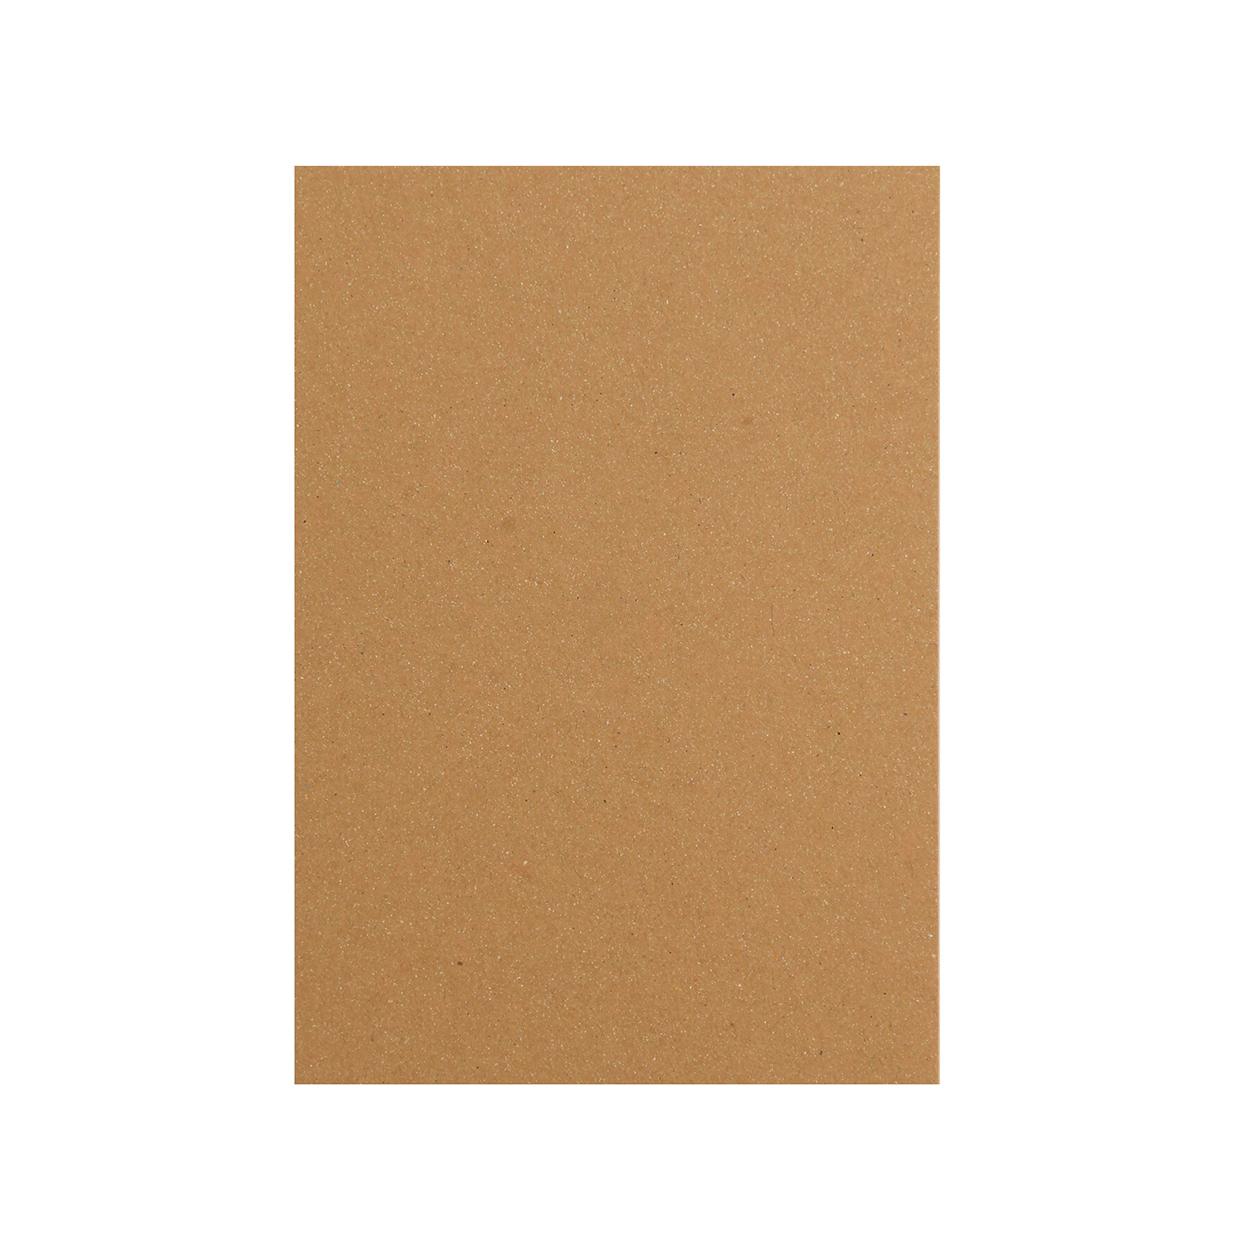 Pカード ボード紙 ブラウン 450g